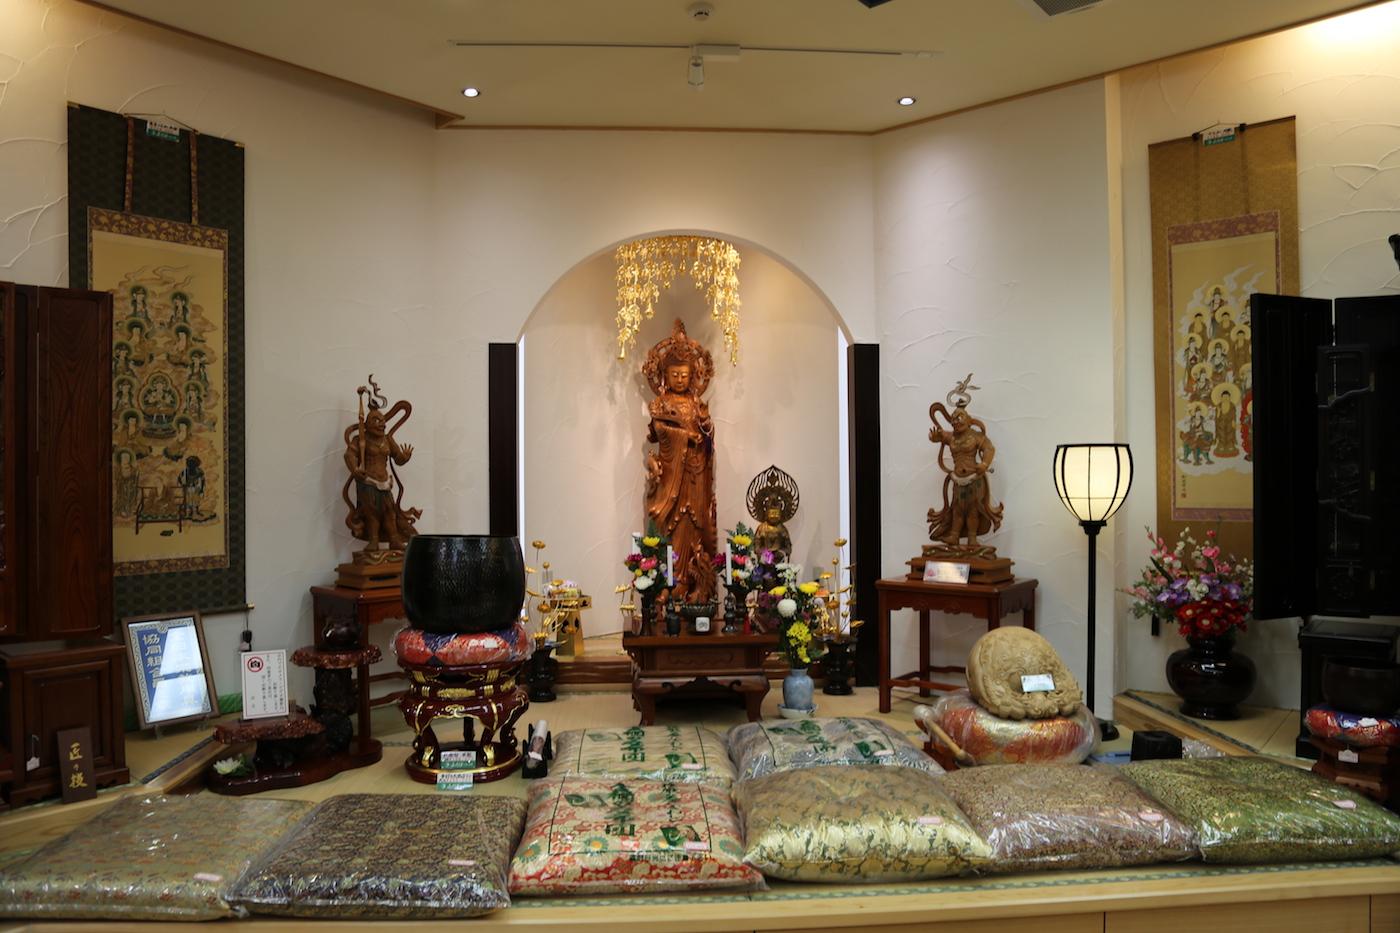 ふくば 福島 仏壇 写真ギャラリー画像24